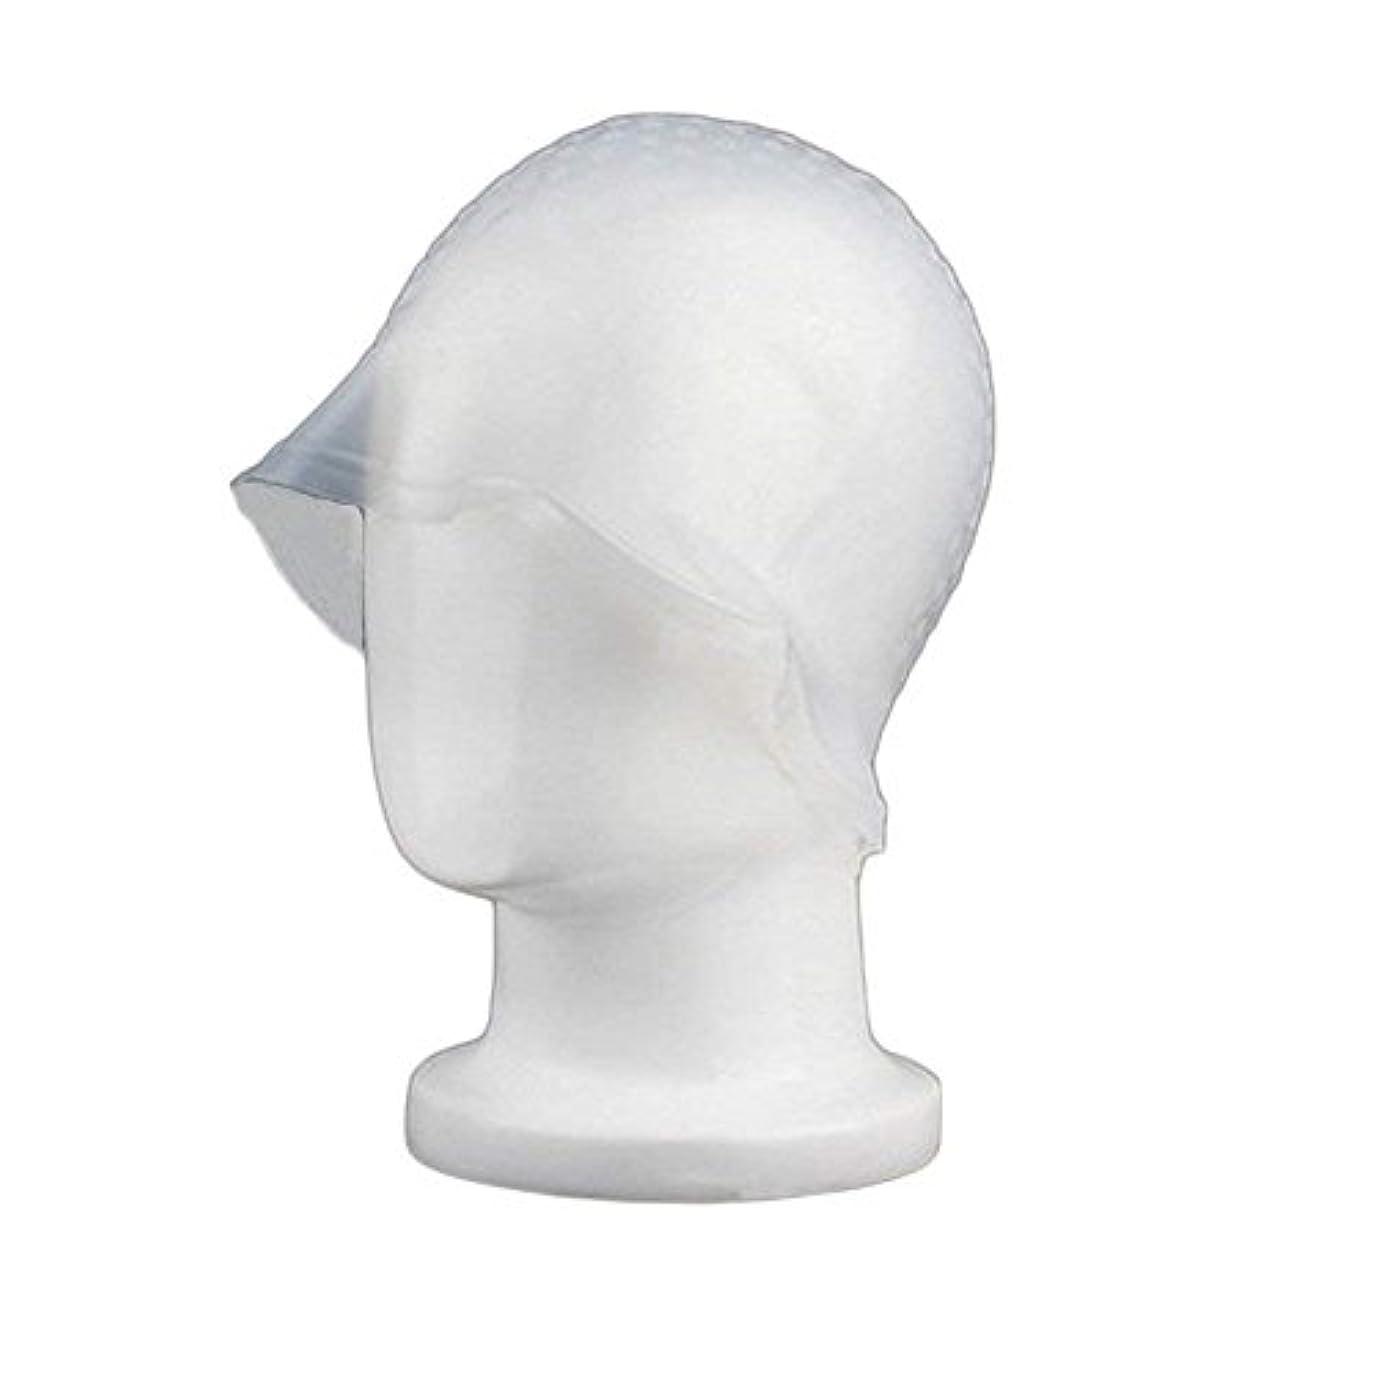 エクステントあらゆる種類の認知Sincerestore 洗って使える ヘアカラー 染め用 メッシュ 用 シリコン ヘア キャップキャップ (ホワイト)